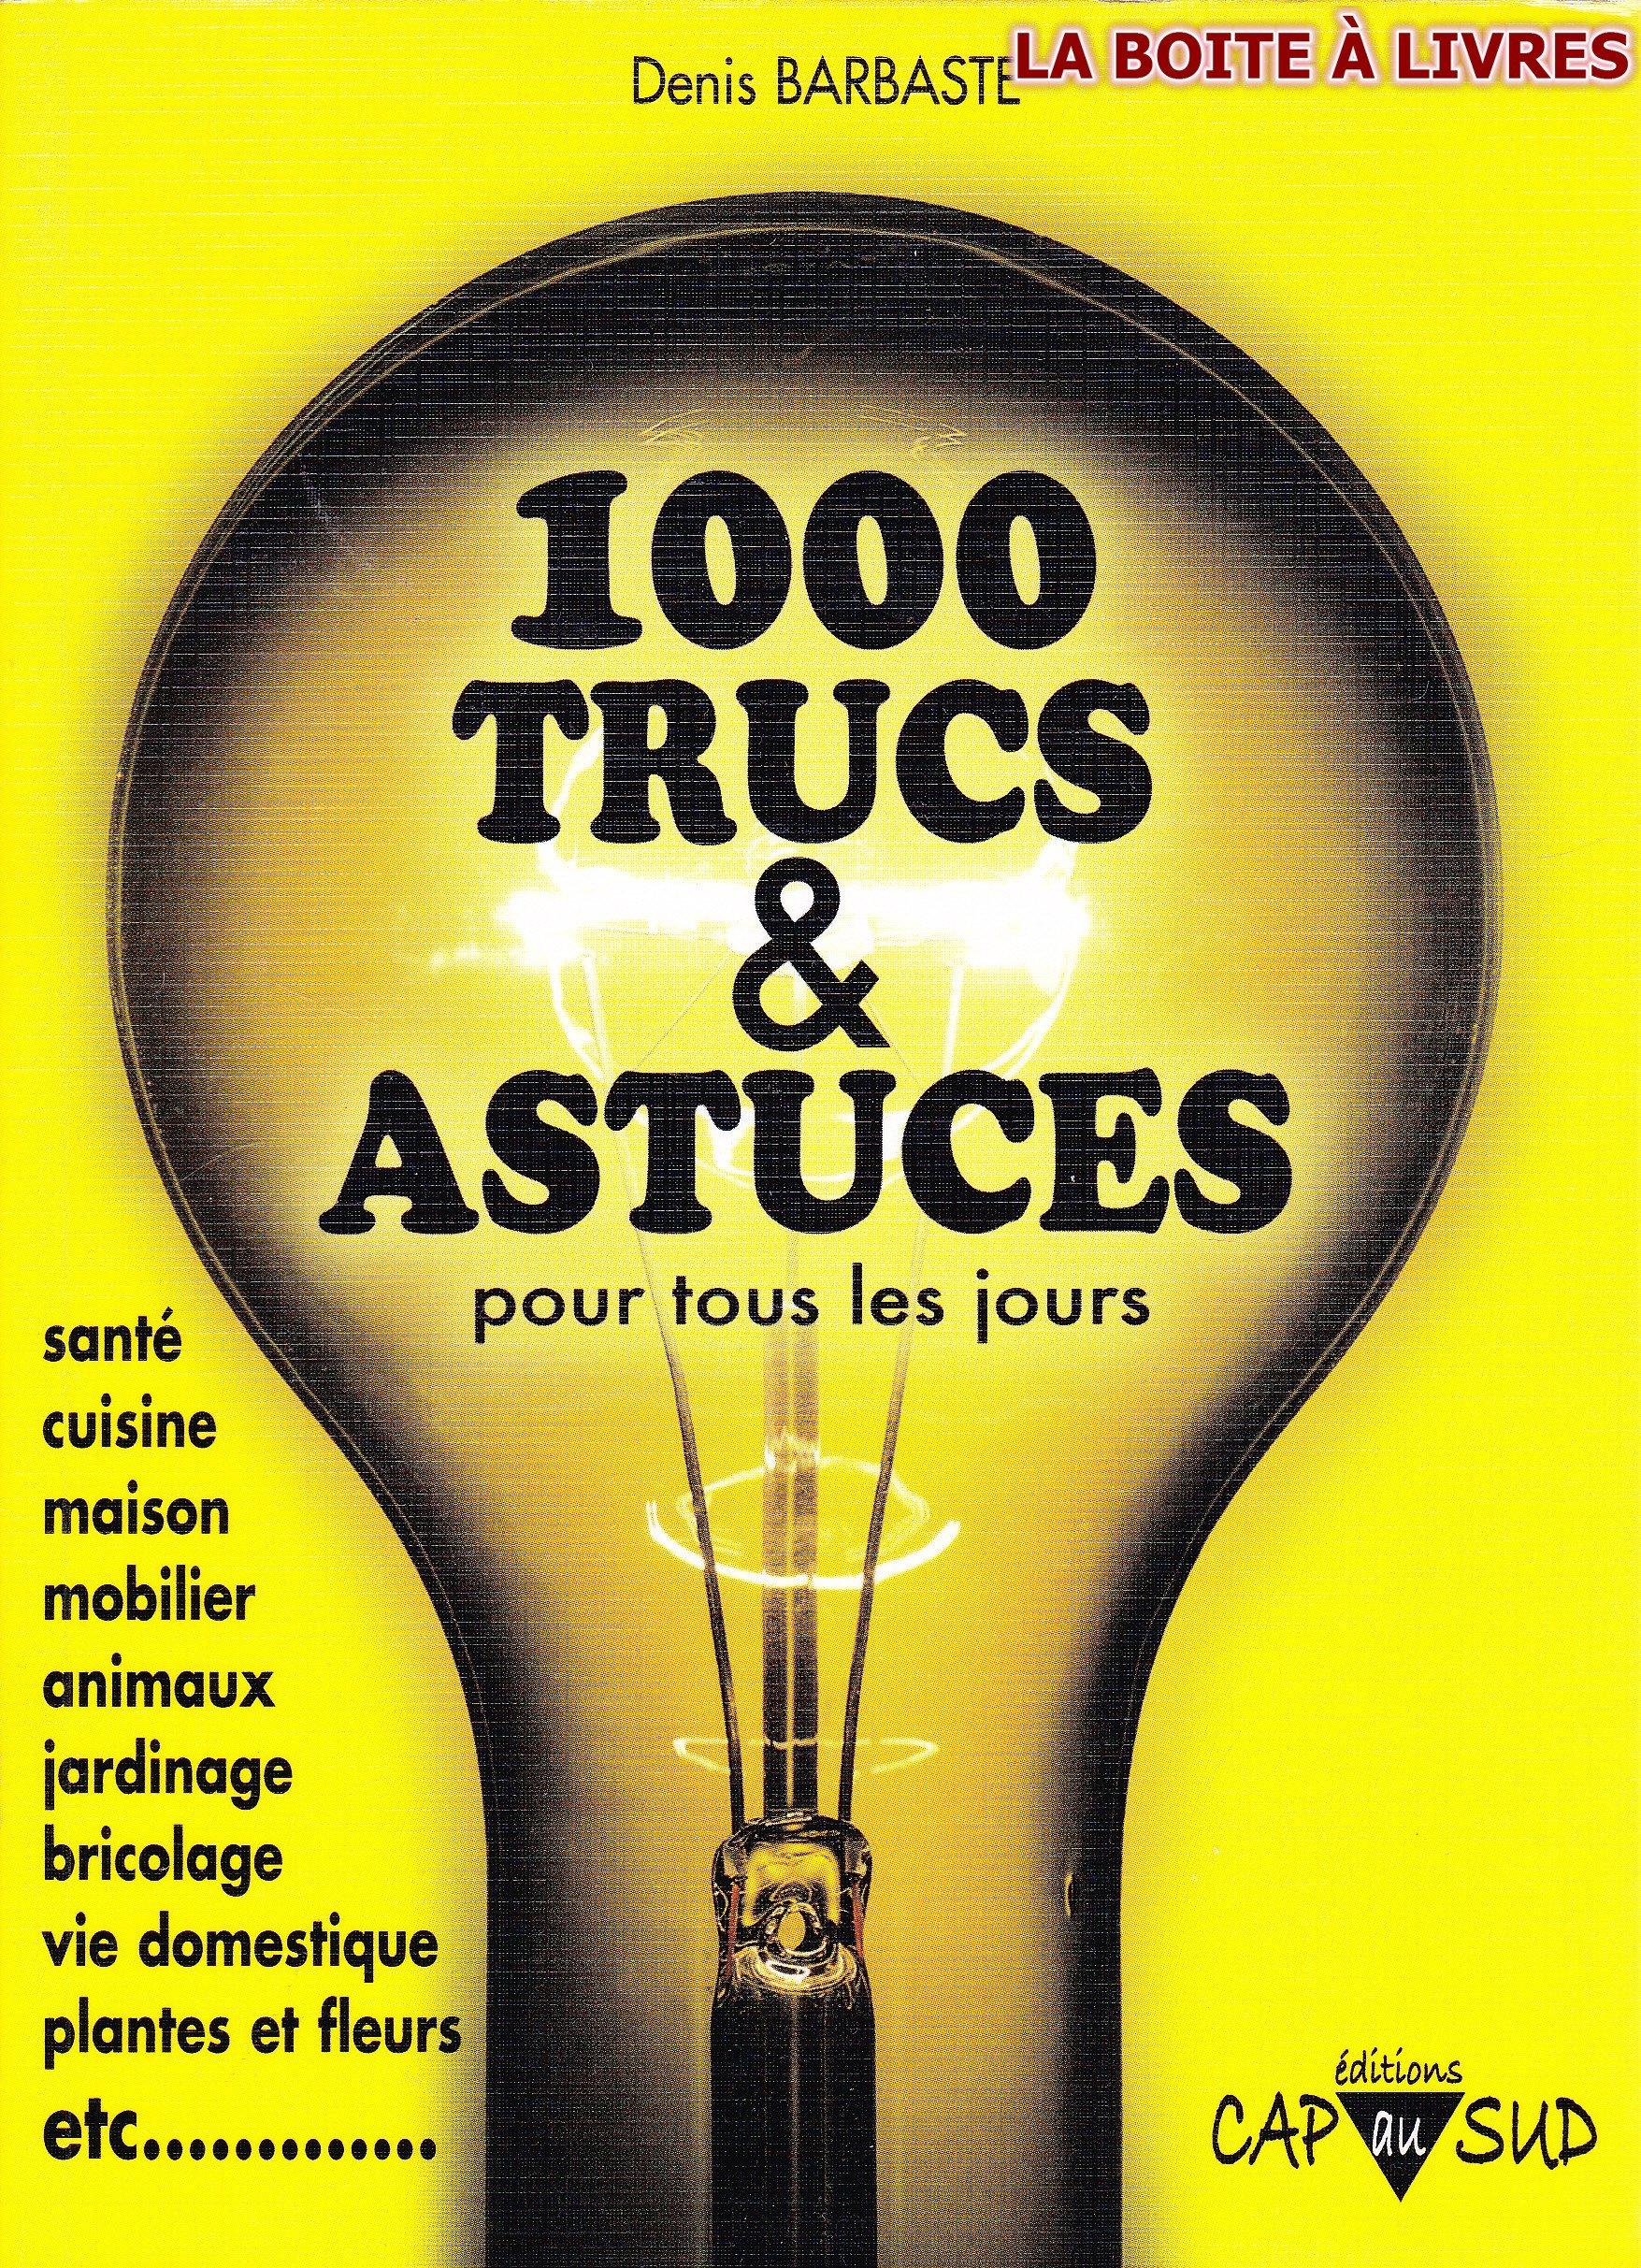 1000 (Mille) Trucs Et Astuces Pour Tous Les Jours Santé Cuisine Maison Mobilier Animaux Jardinage Bricolage Vie Domestique Plantes Fleurs